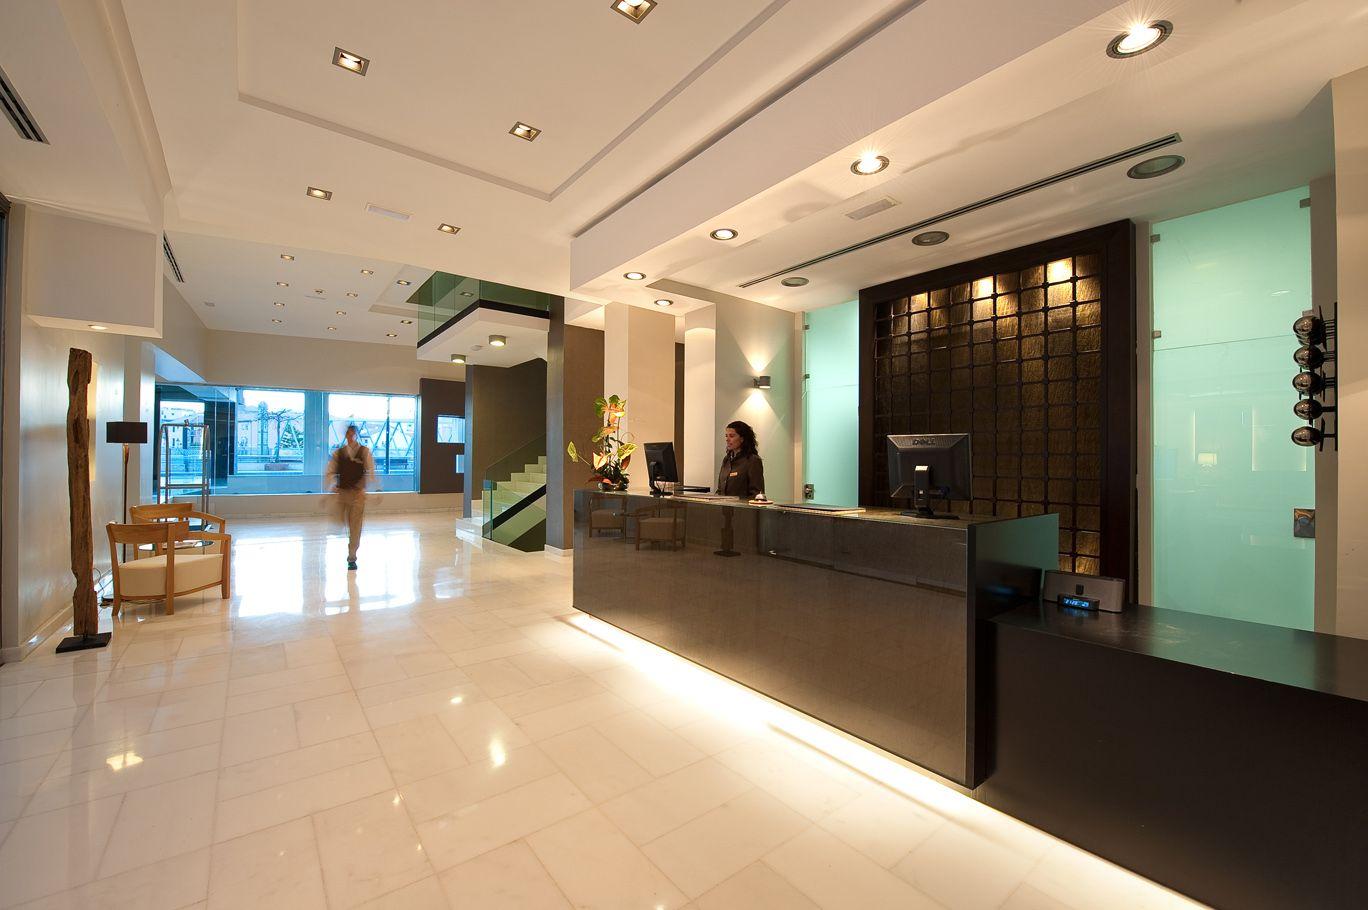 Recepci n espacio di fano minimalista y donde se emplea for Recepcion oficina moderna